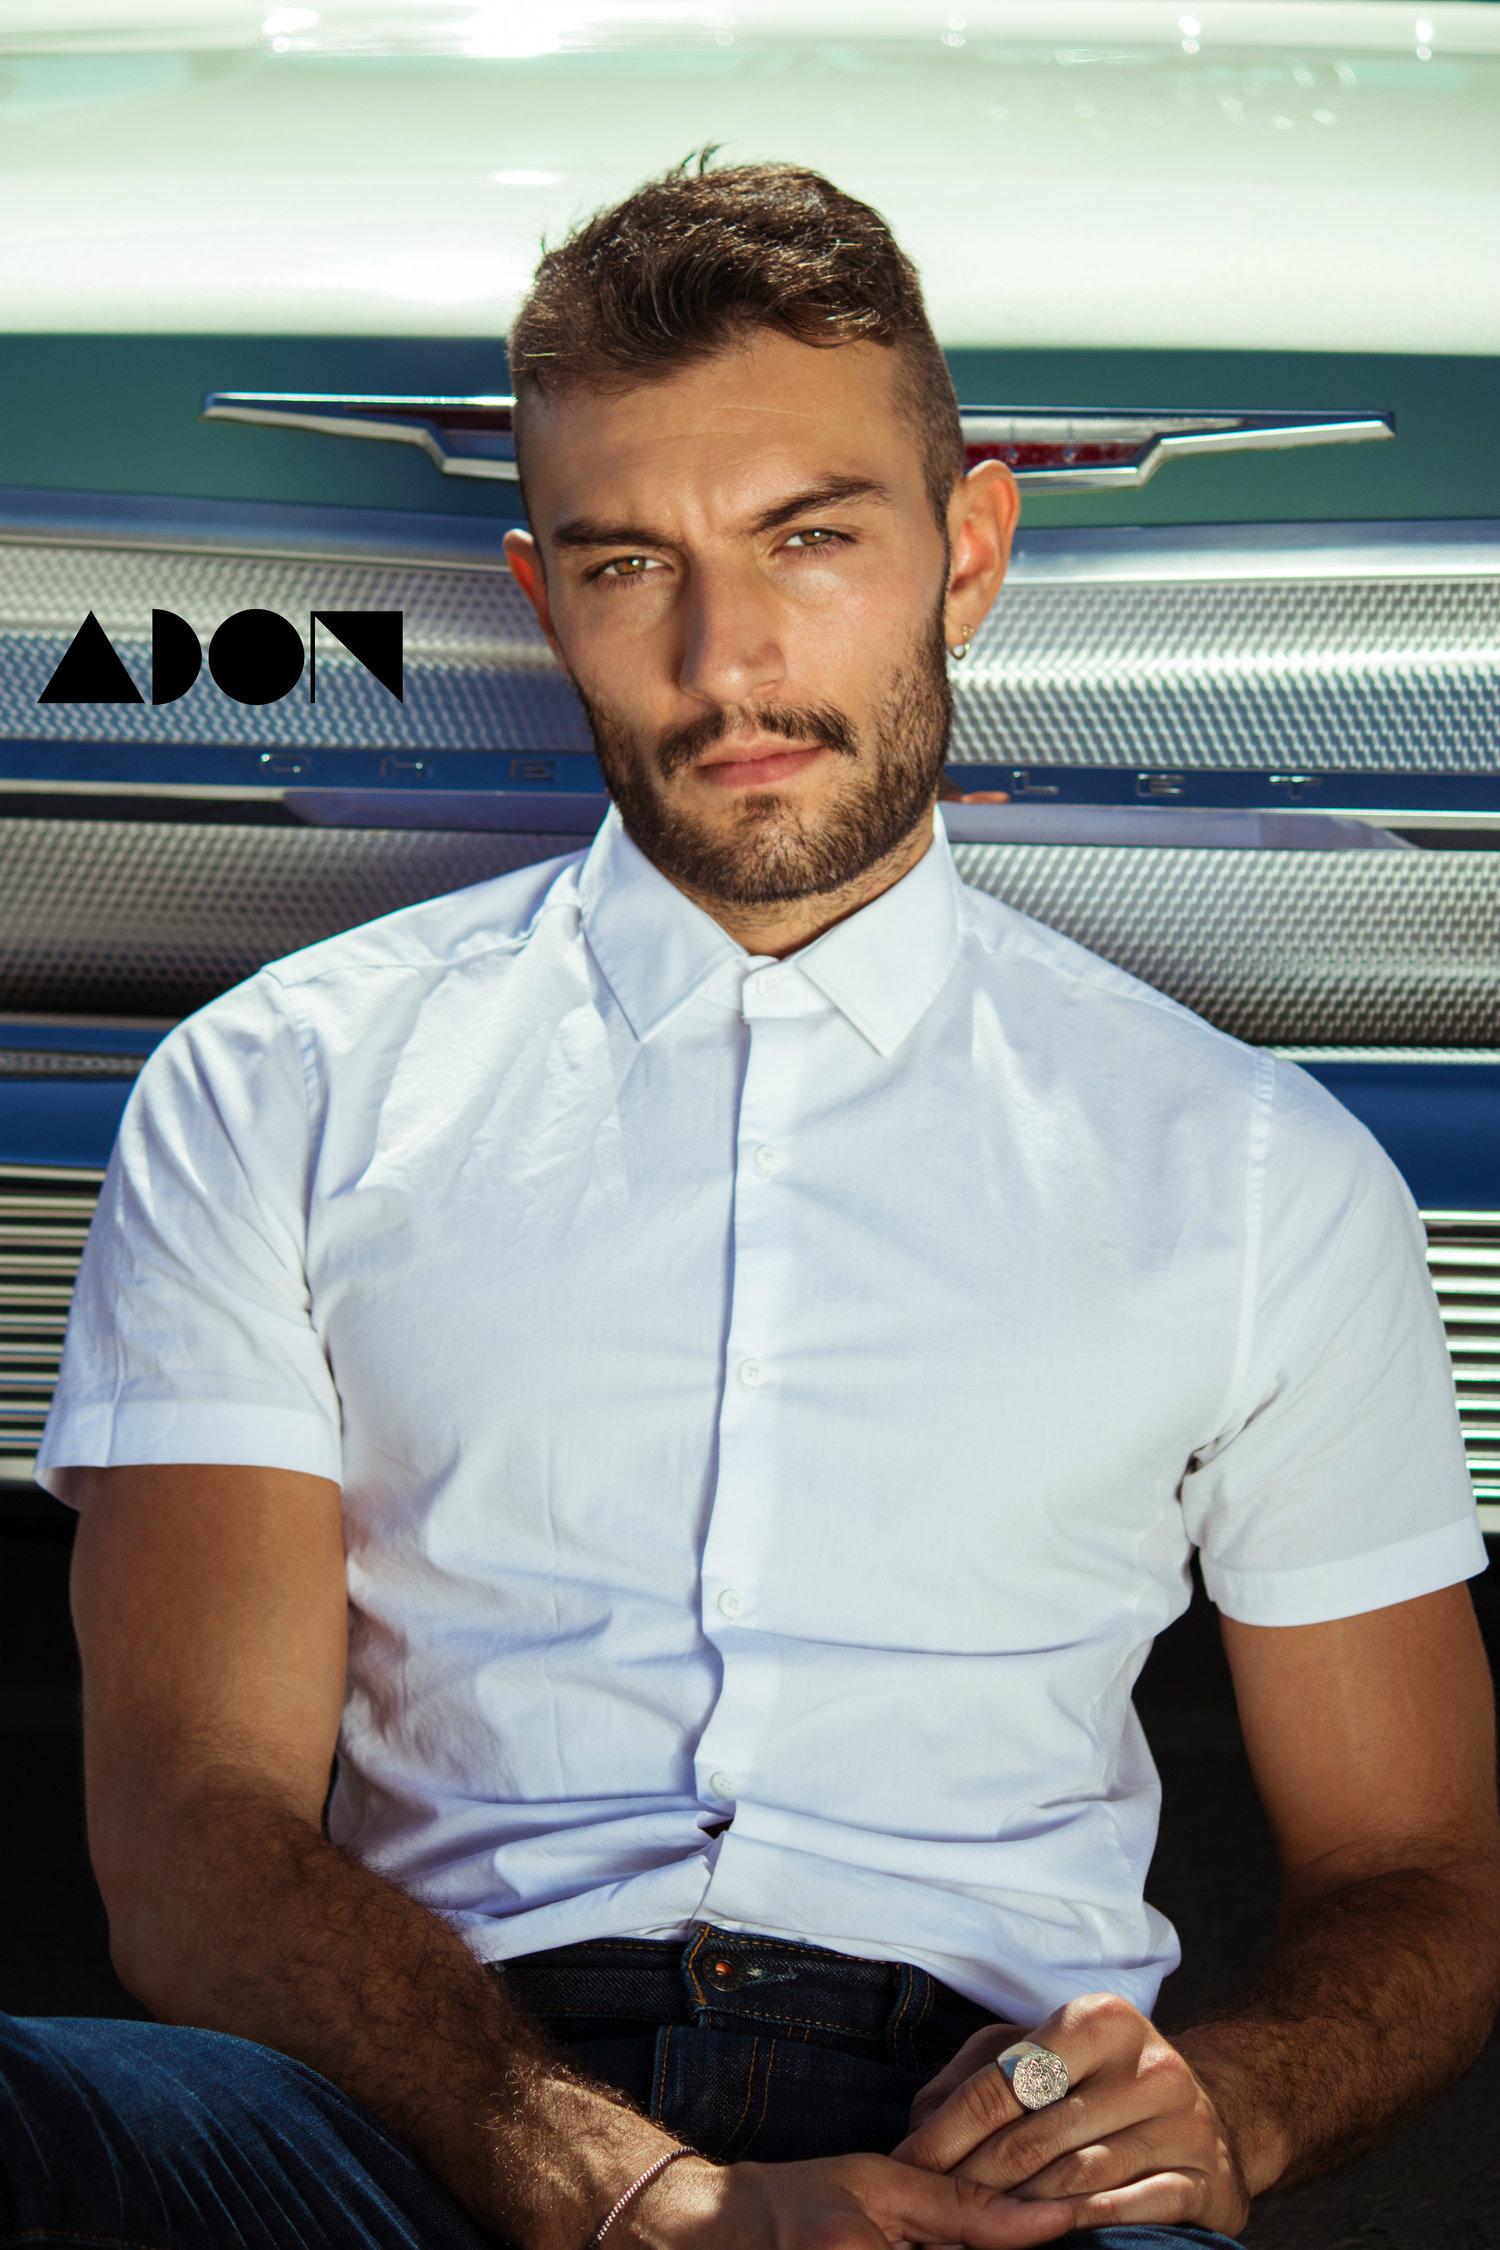 Adon Exclusive: Model Jared North By David Villalva